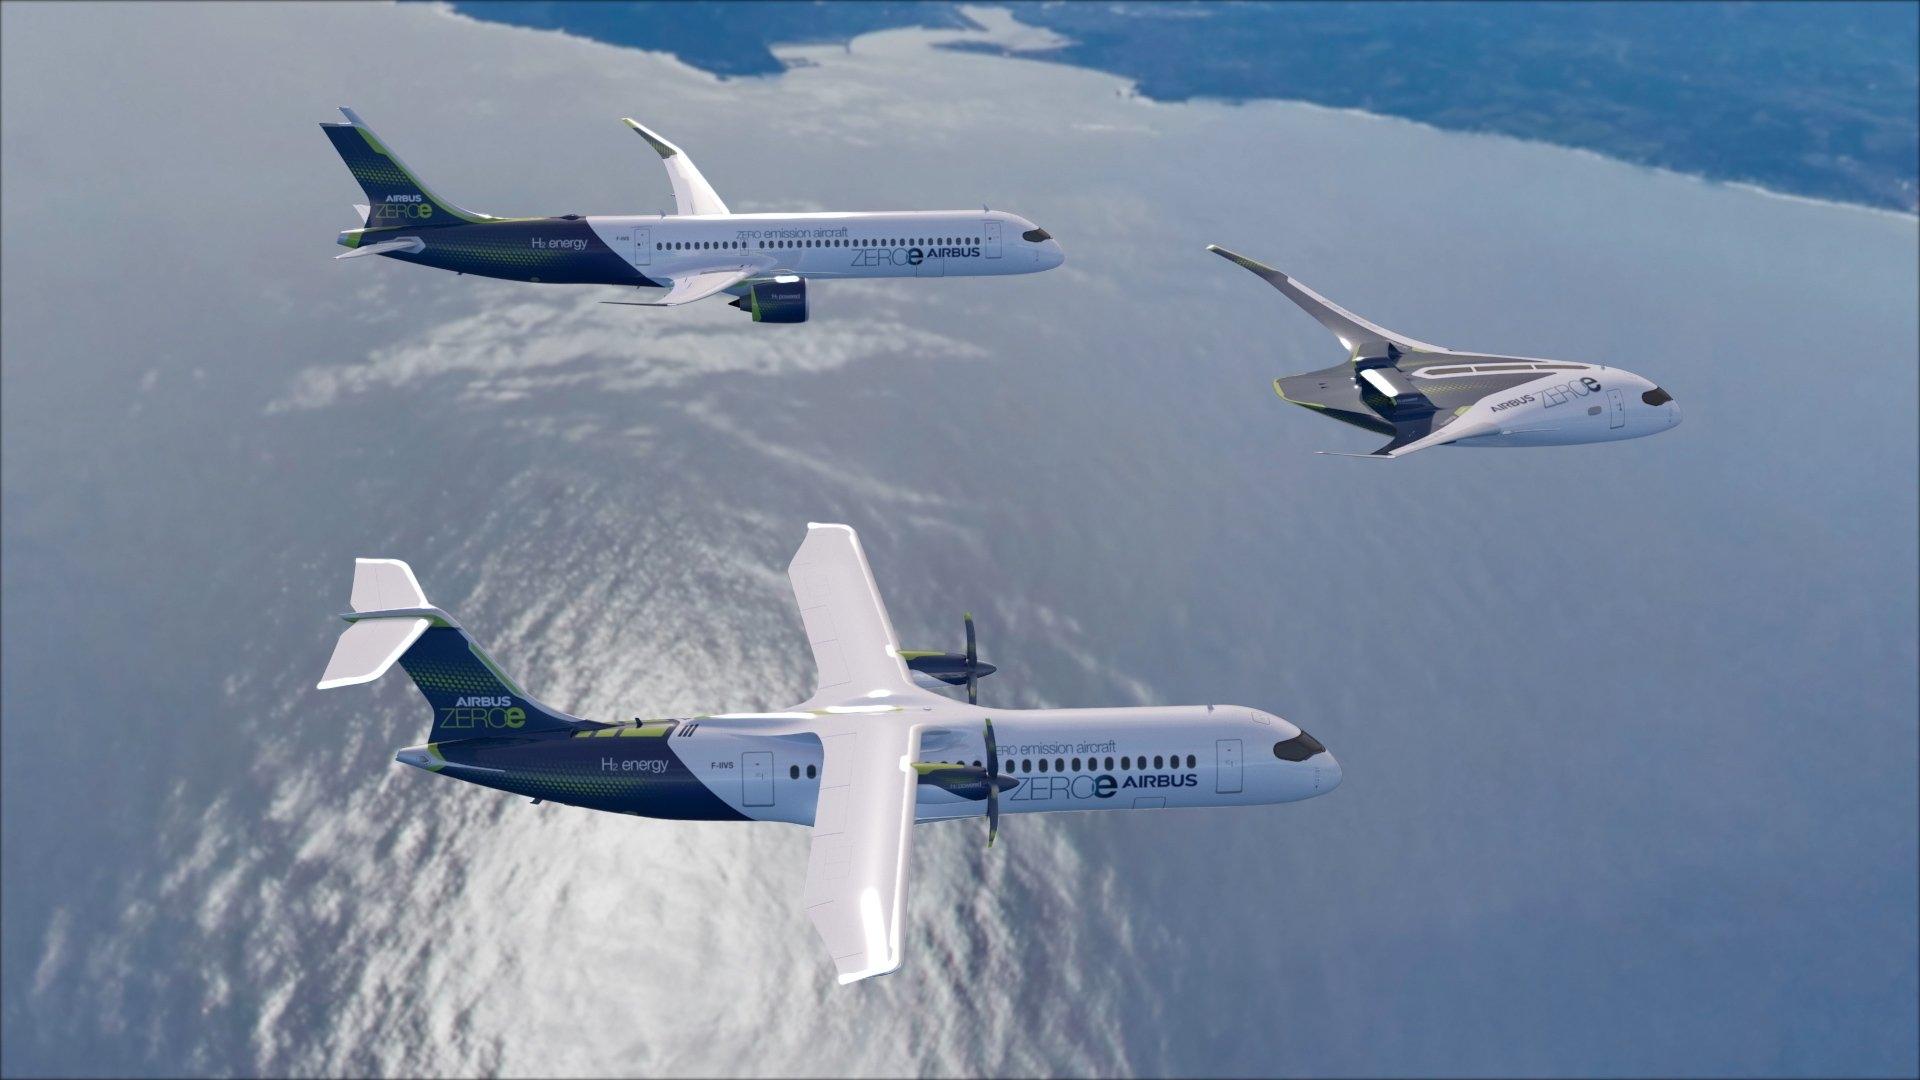 全球首个零排放飞机 空客氢能源概念飞机有望2035年面世